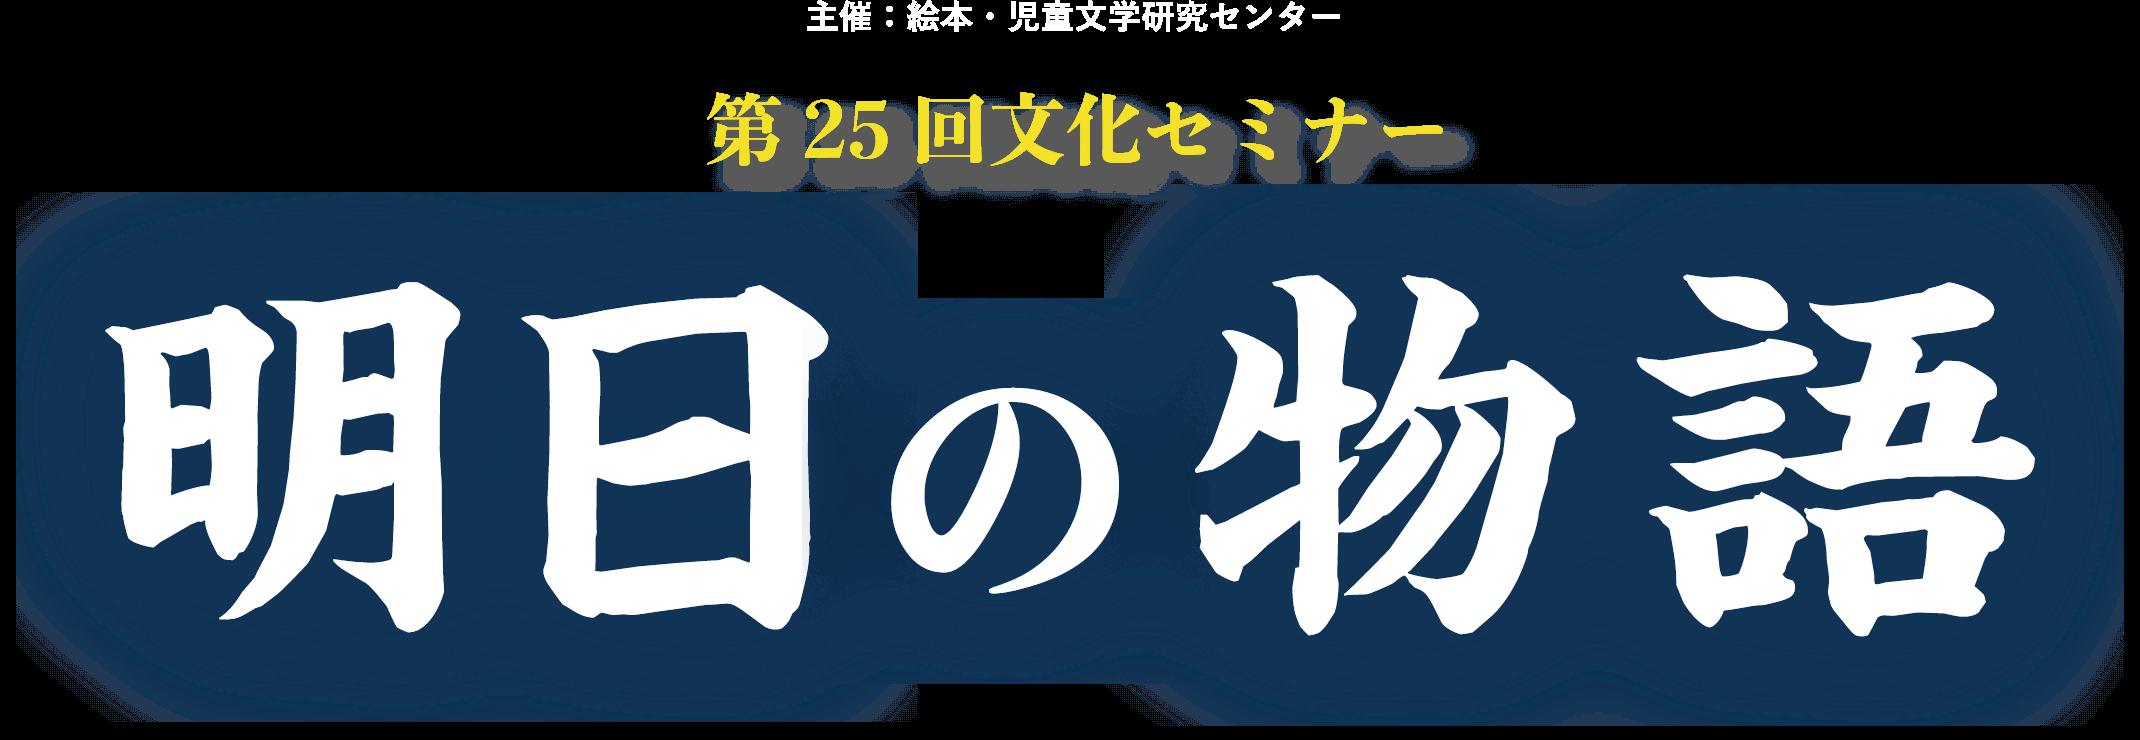 第25回文化セミナー 明日の物語